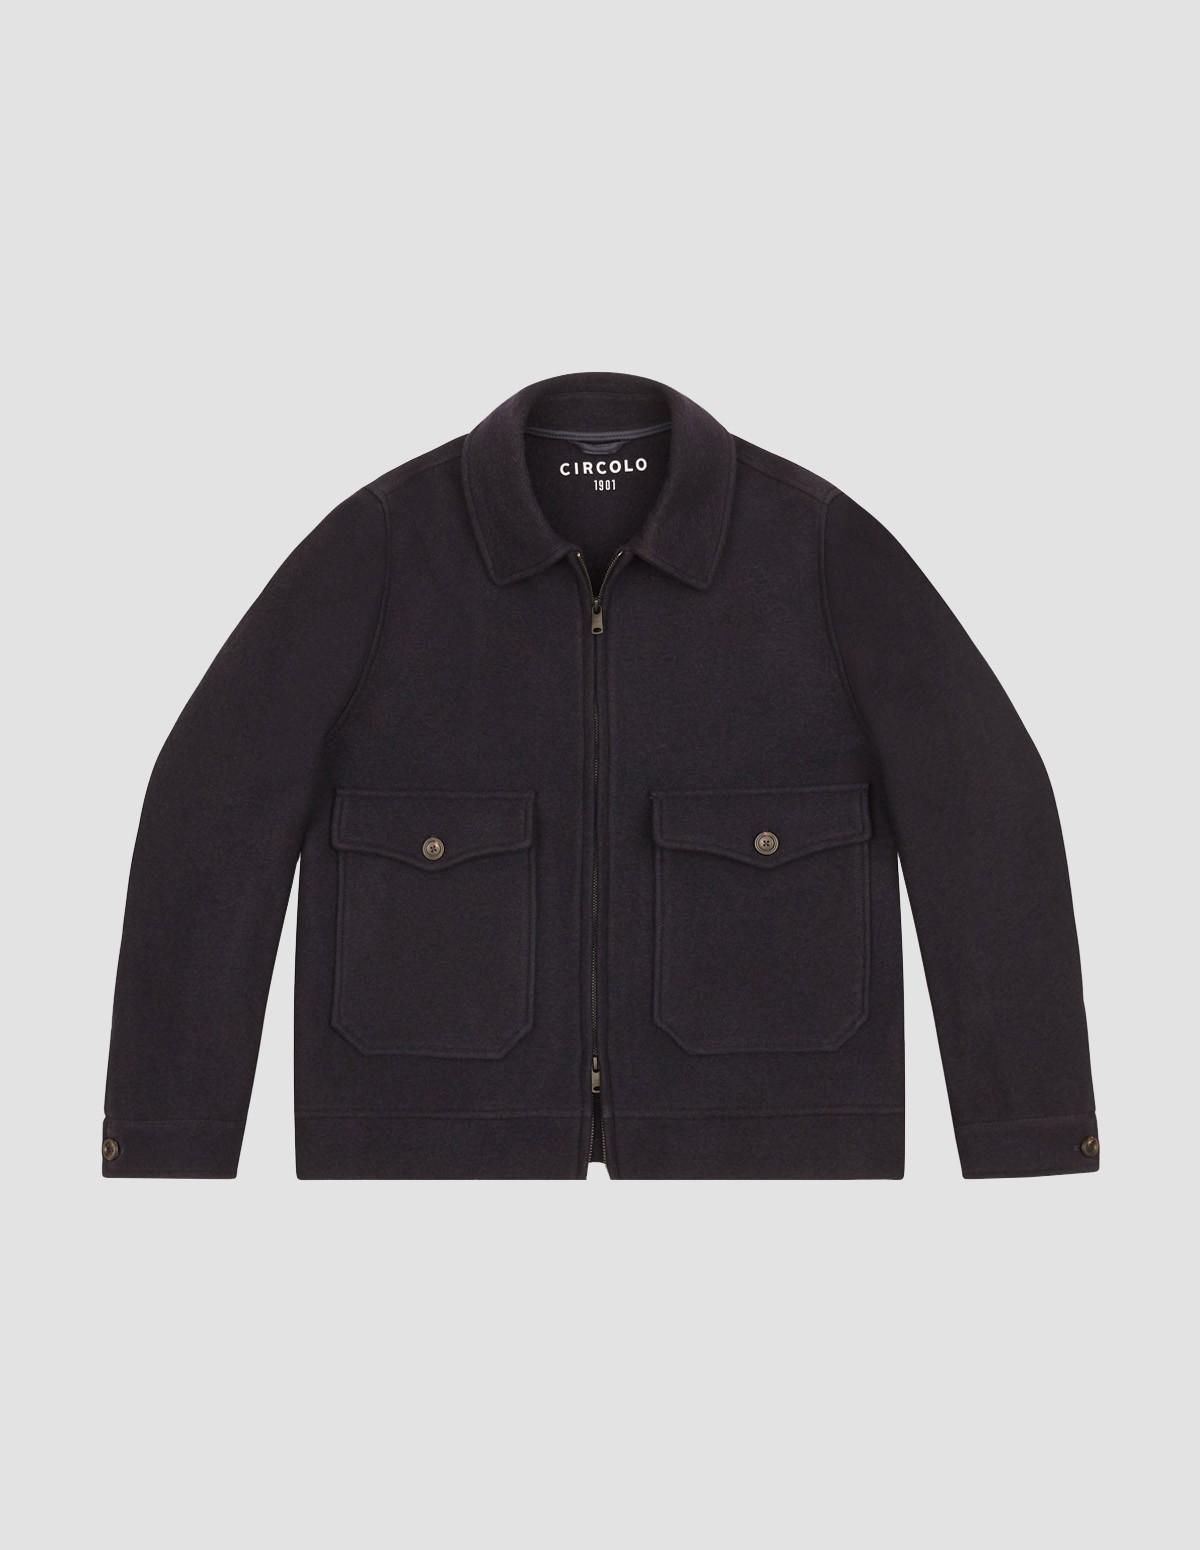 Circolo Man Zip Jacket - 6897 BLU